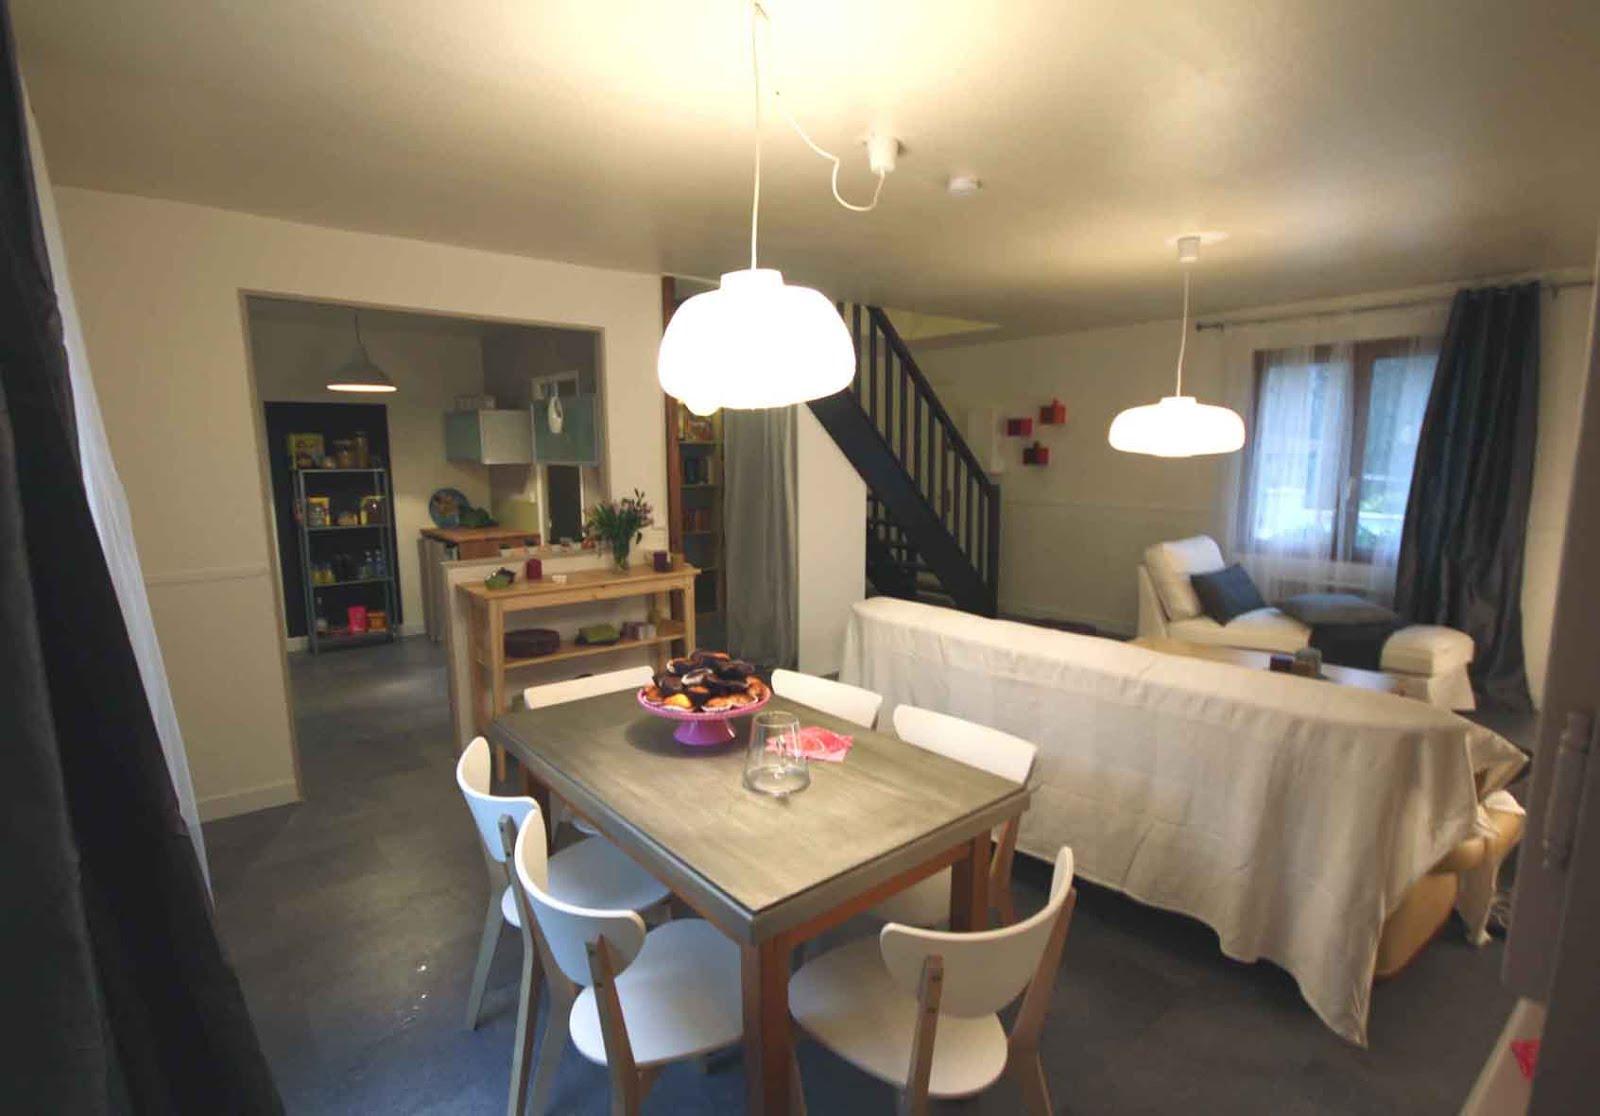 deco chambre ado sophie ferjani 045033 la meilleure conception d 39 inspiration. Black Bedroom Furniture Sets. Home Design Ideas